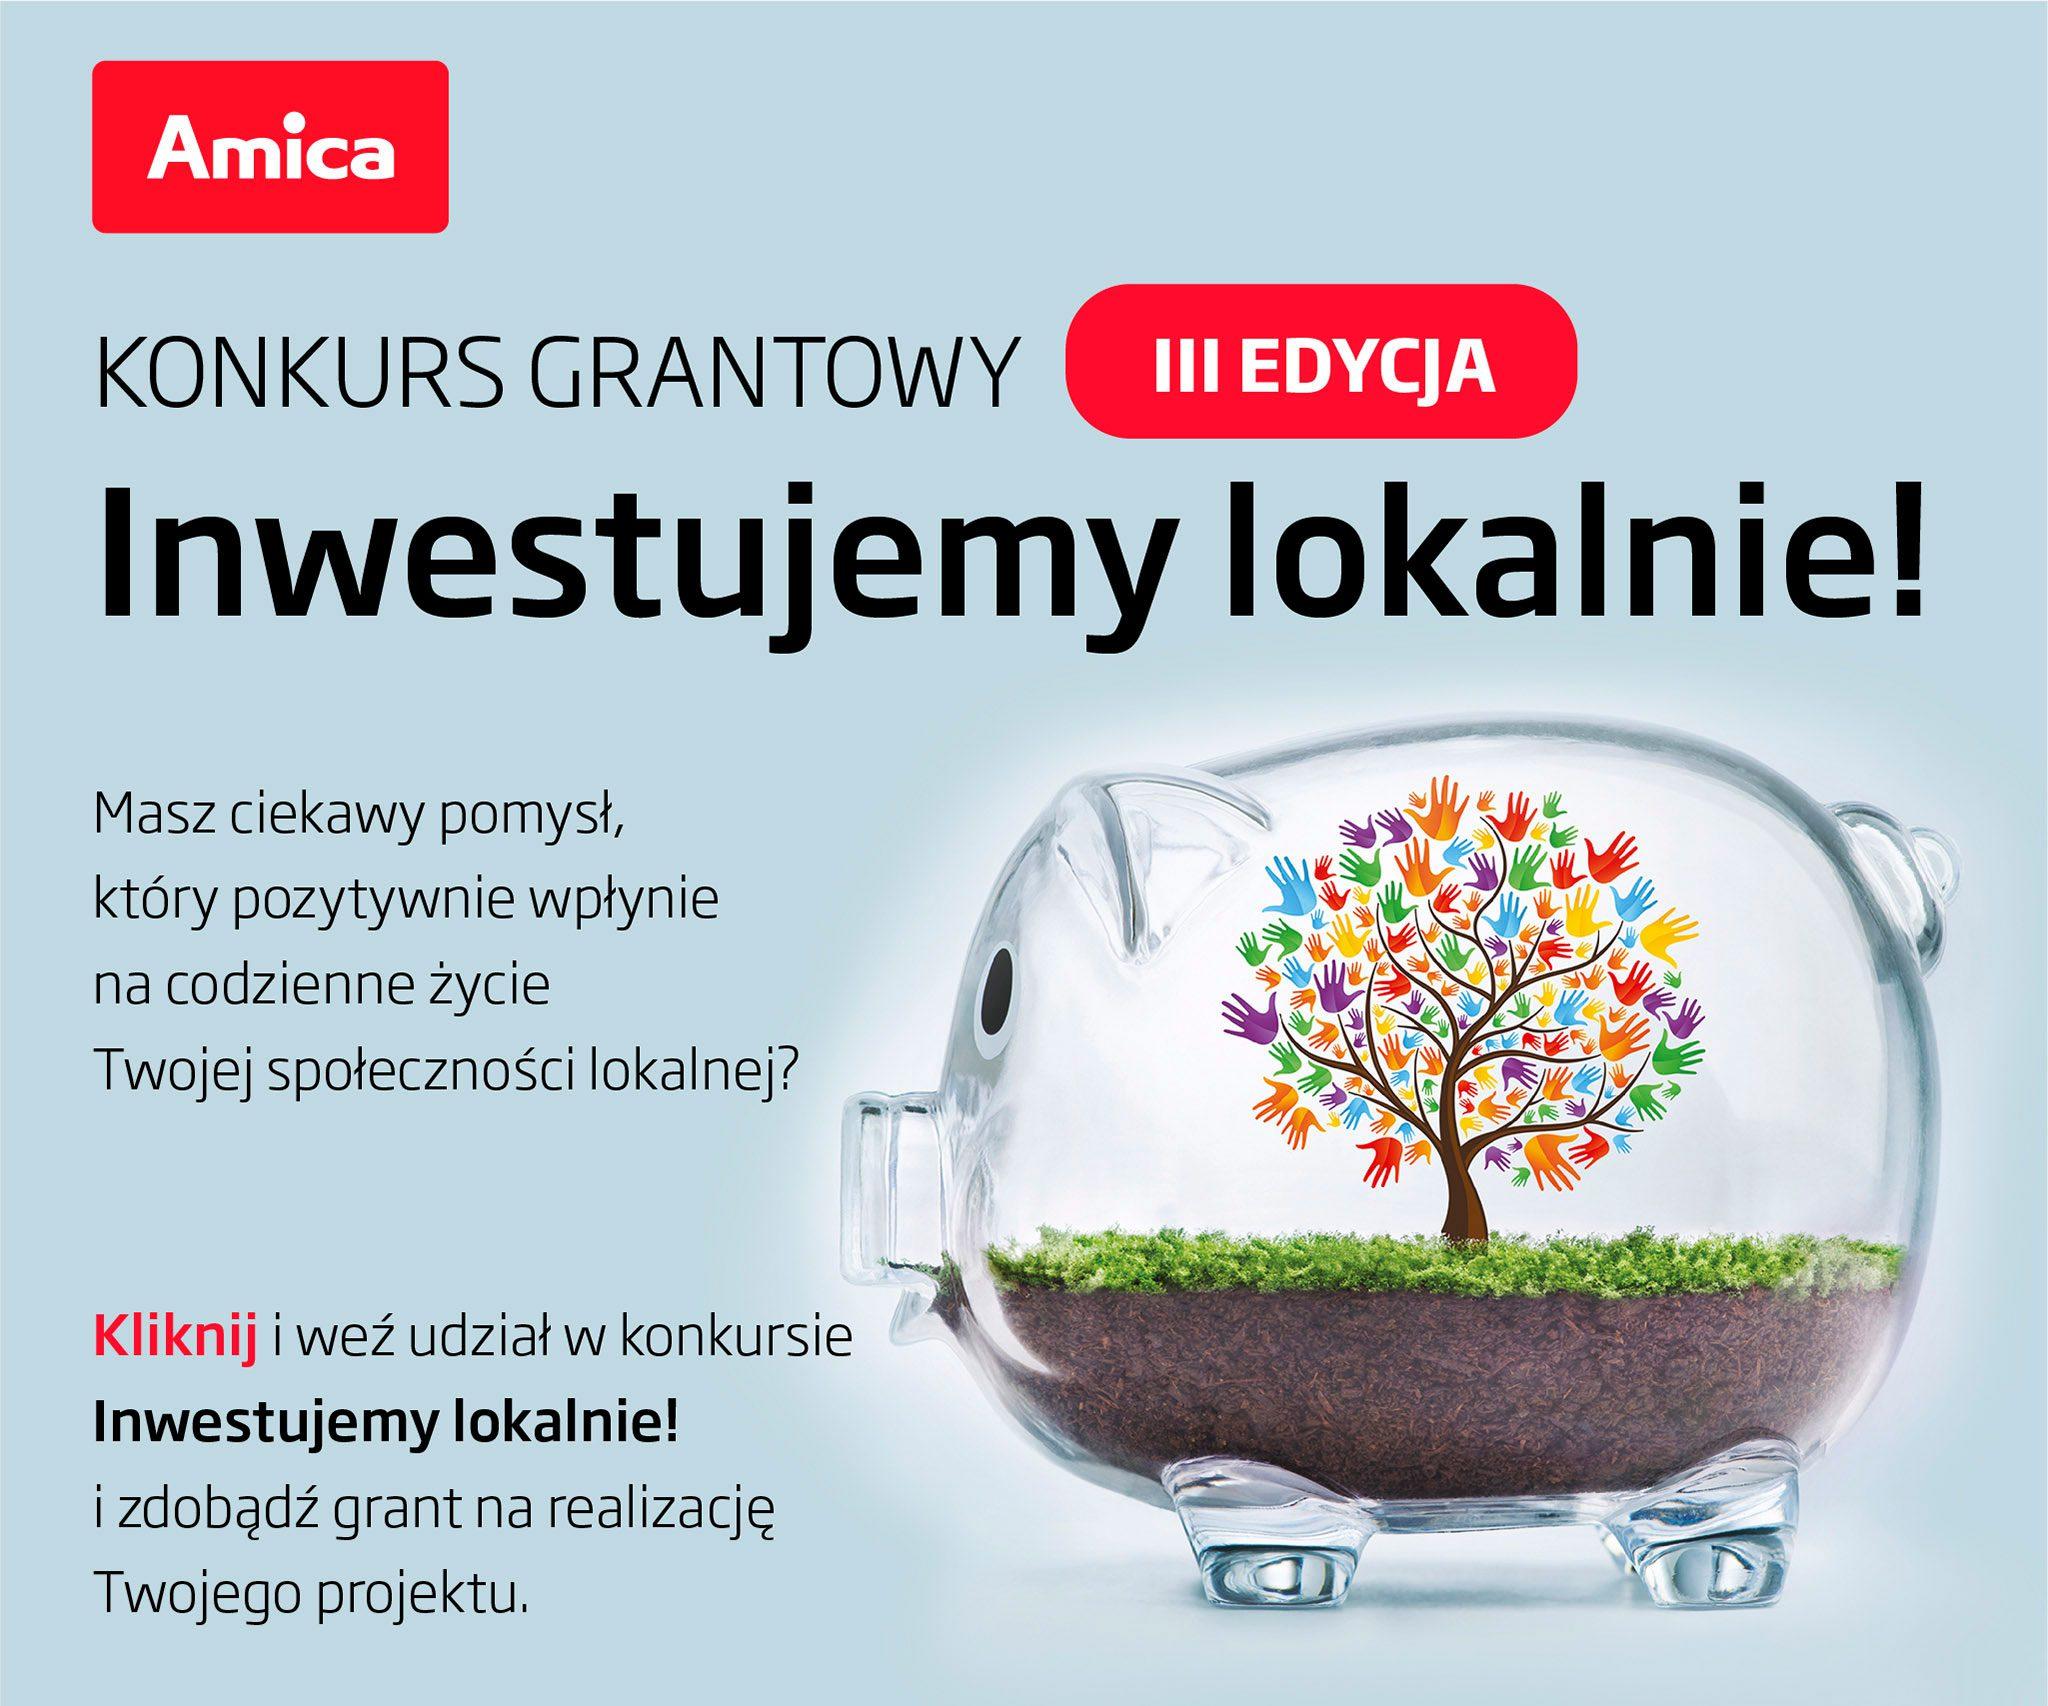 Amica - Inwestujemy lokalnie!